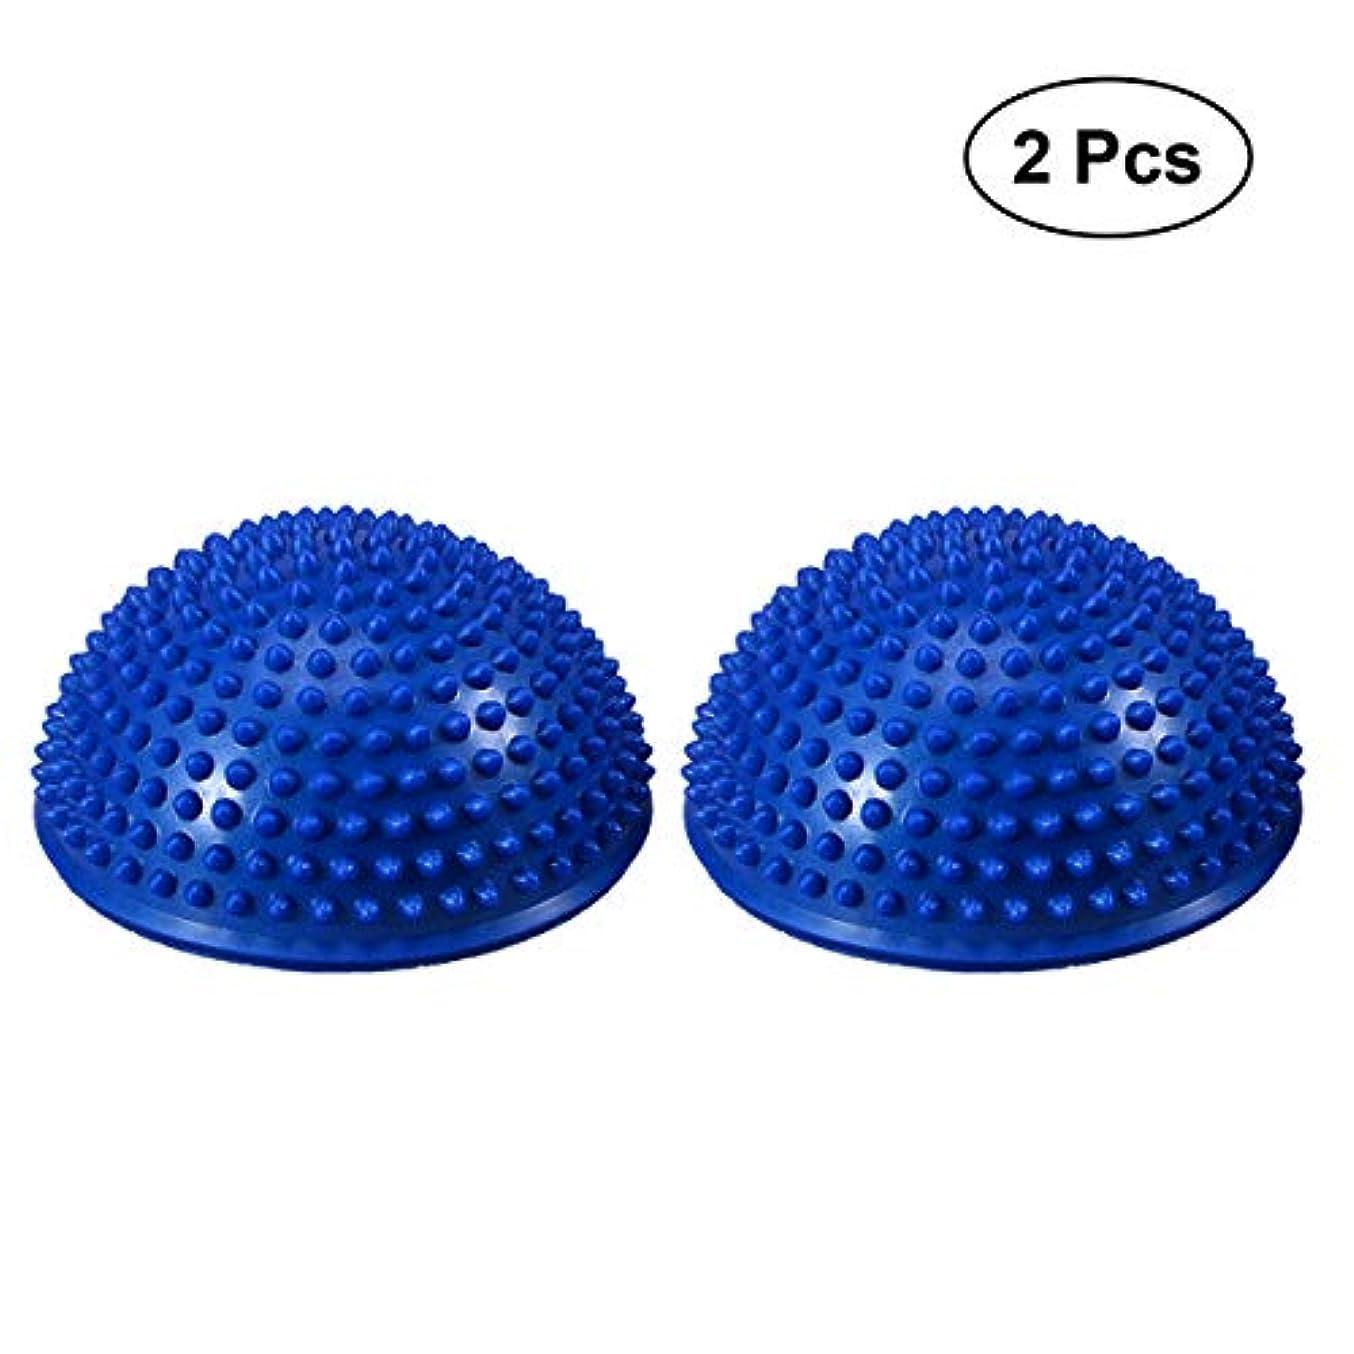 出くわすストラトフォードオンエイボン印象VORCOOL 膨張した安定性揺動クッションバランスディスク安定性コアトレーニングのための可動性バランストレーナー物理的リハビリテーションヨガエクササイズ(ブルー)